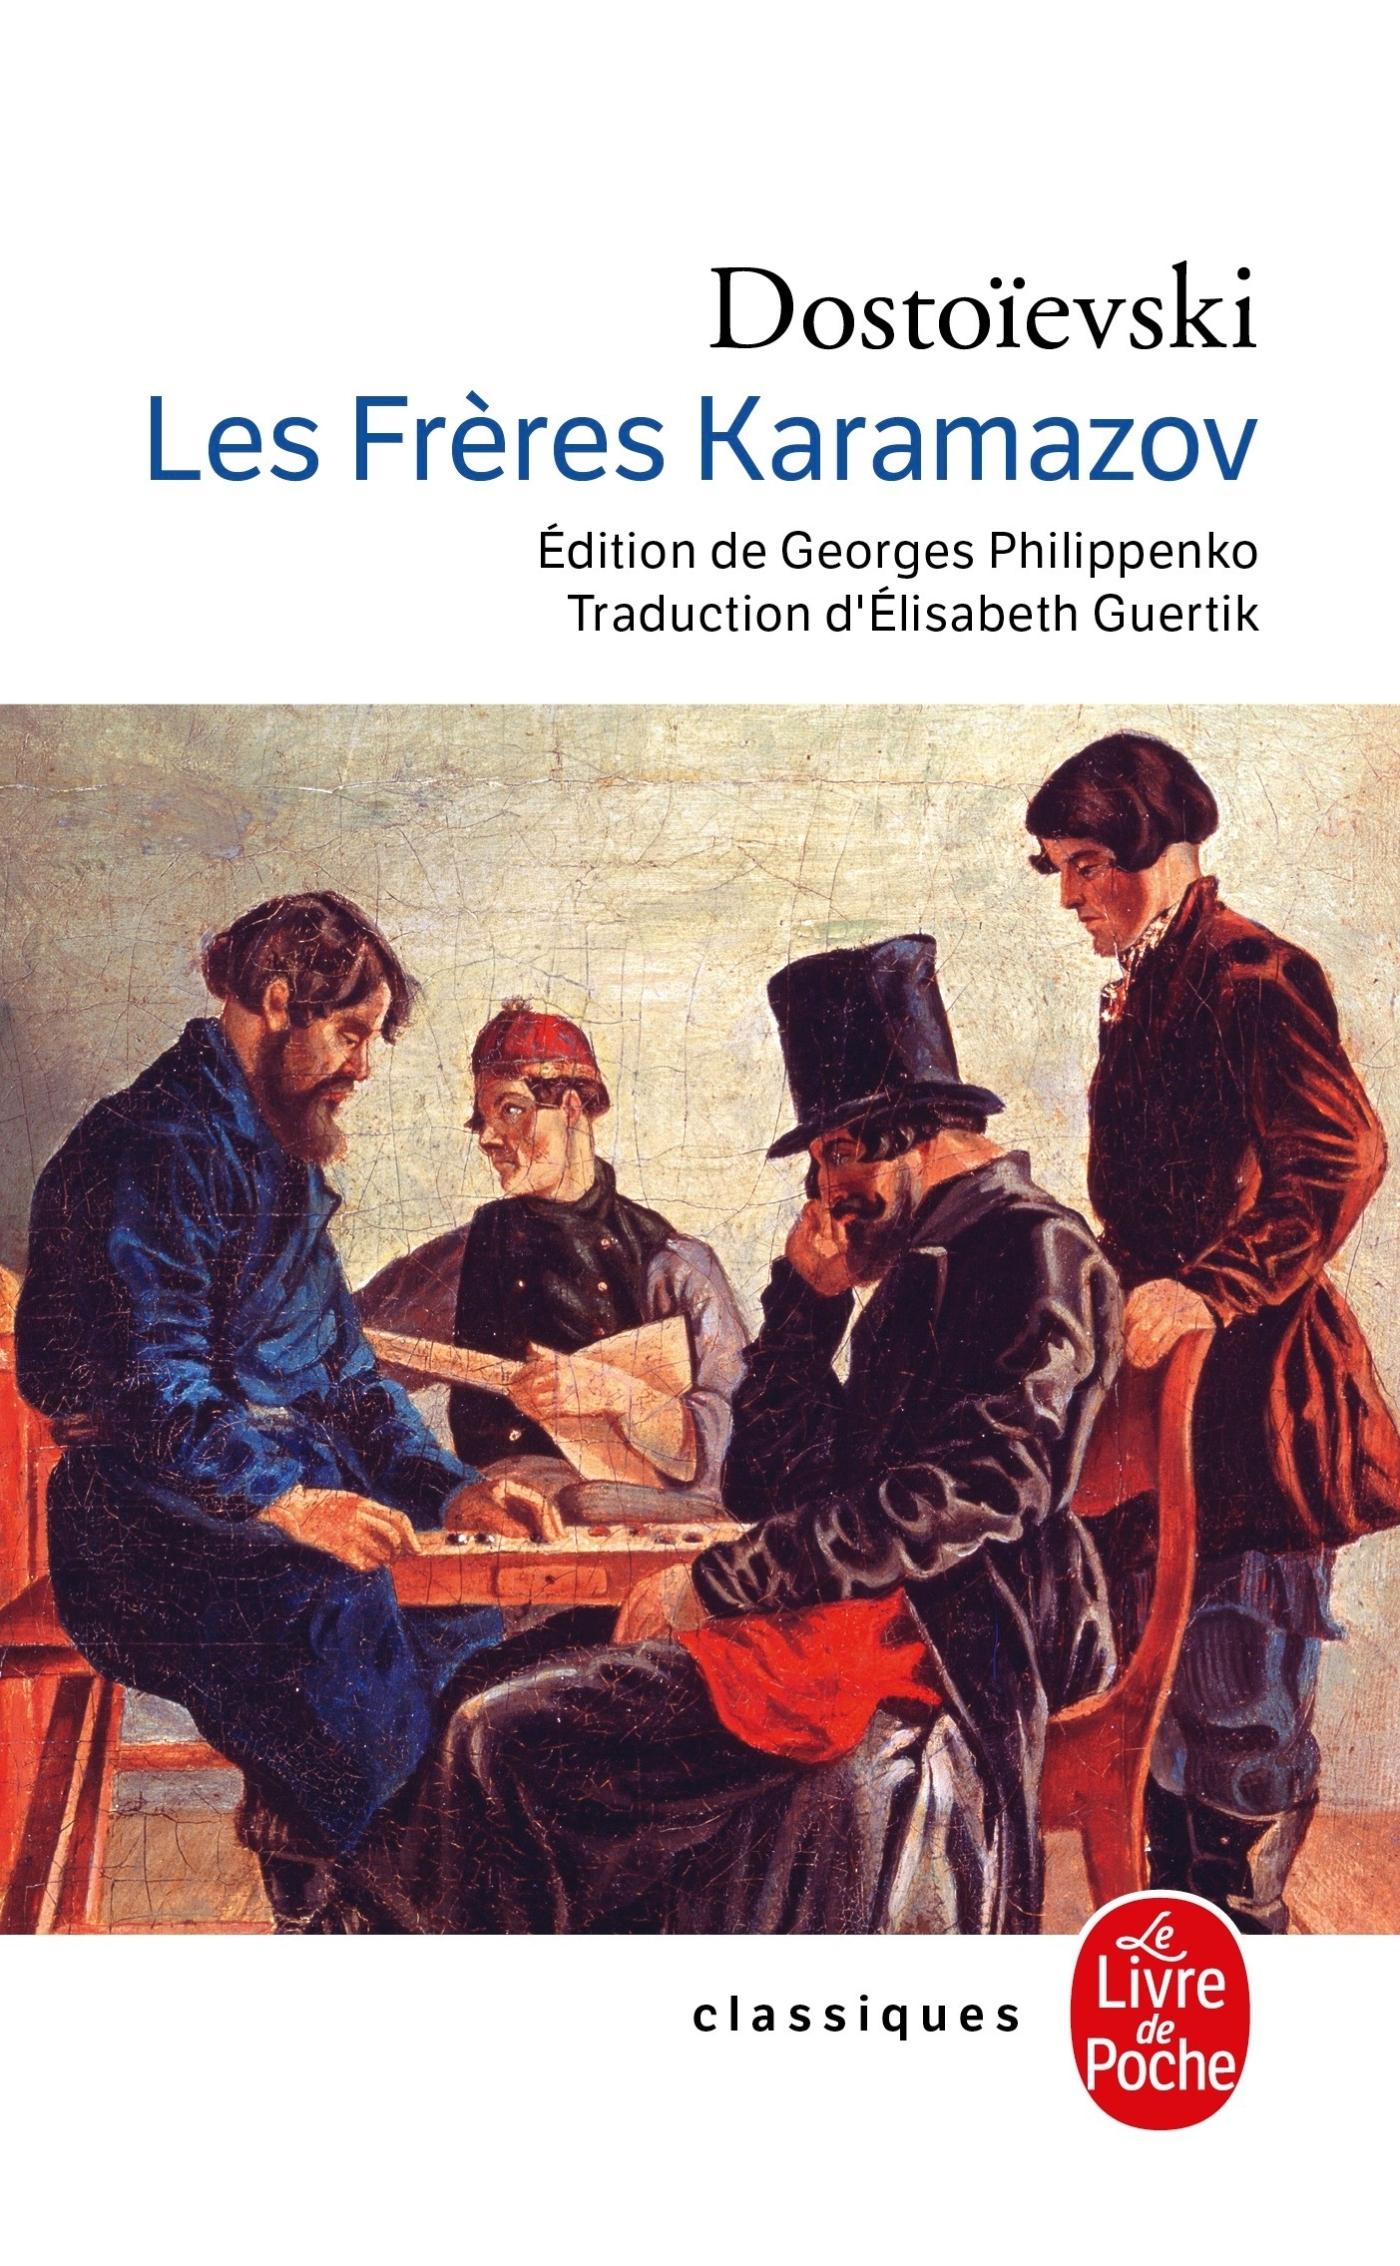 LES FRERES KARAMAZOV